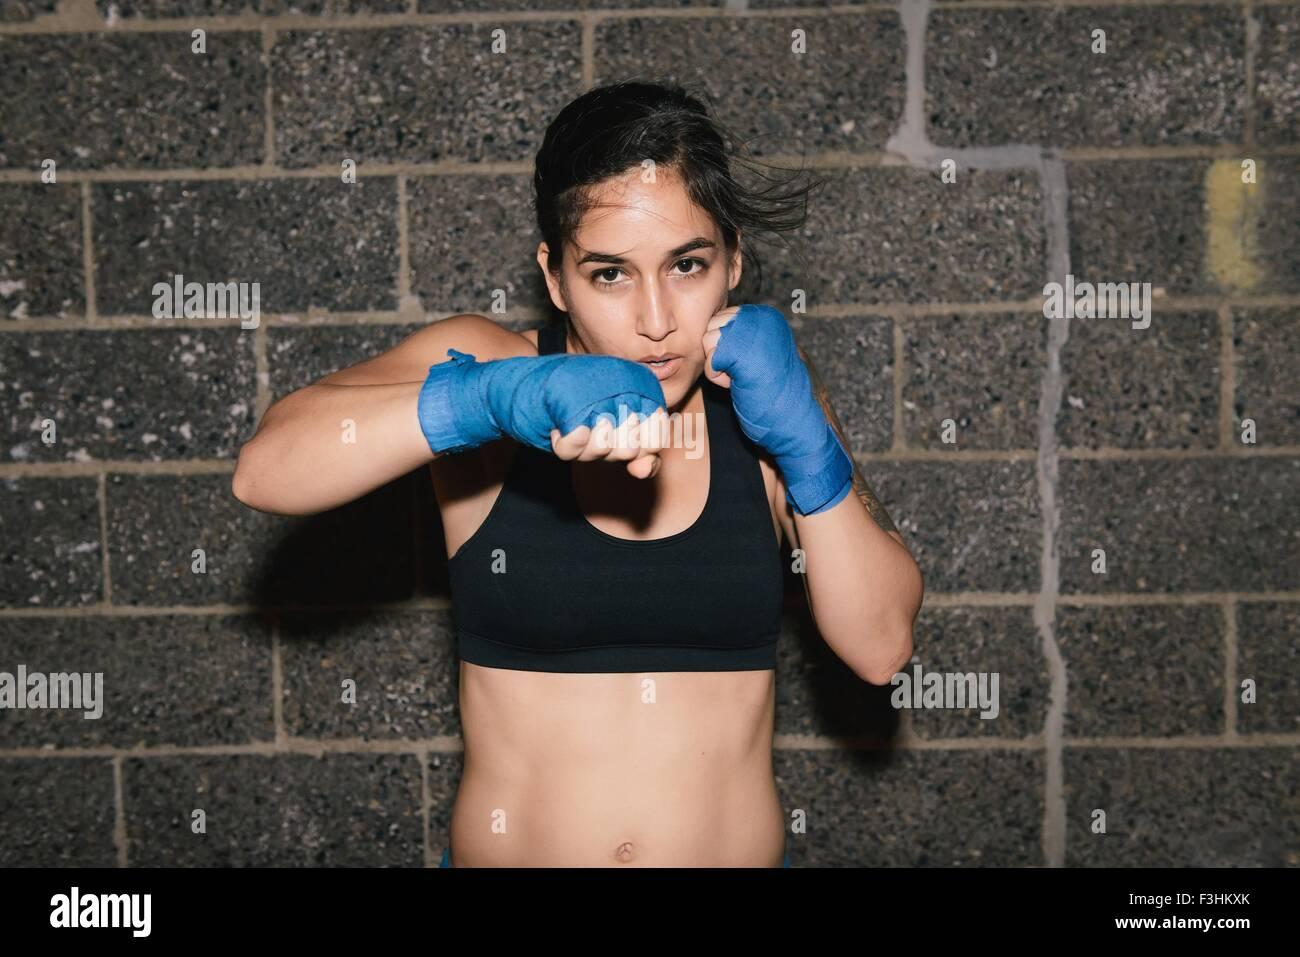 Eine junge Brünette Frau Ausübung und Boxen Stanzen in Richtung der Kamera Stockbild